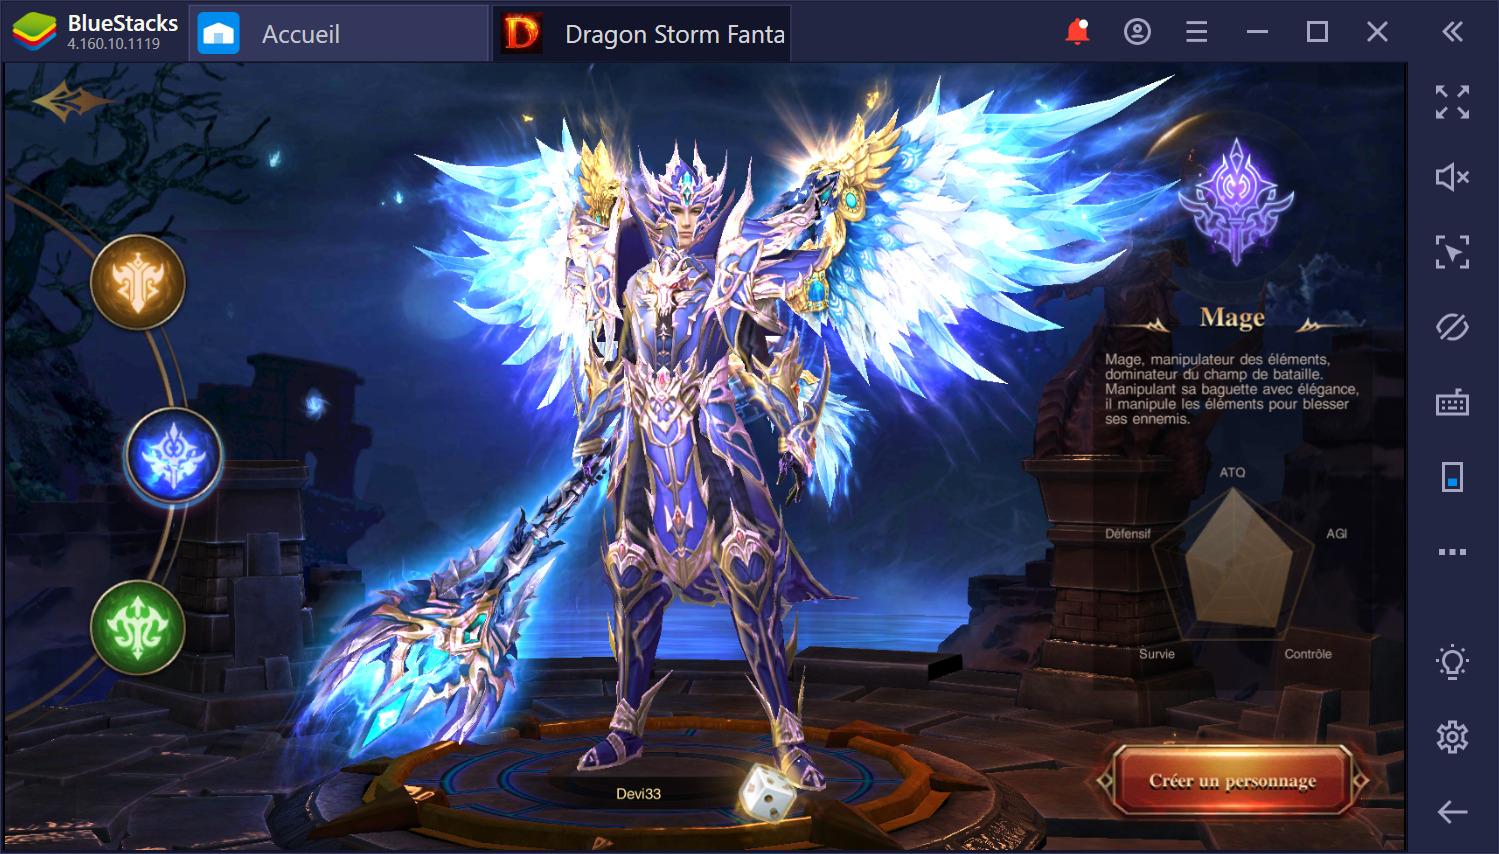 Dragon Storm Fantasy sur PC : guide sur les classes et l'amélioration du personnage